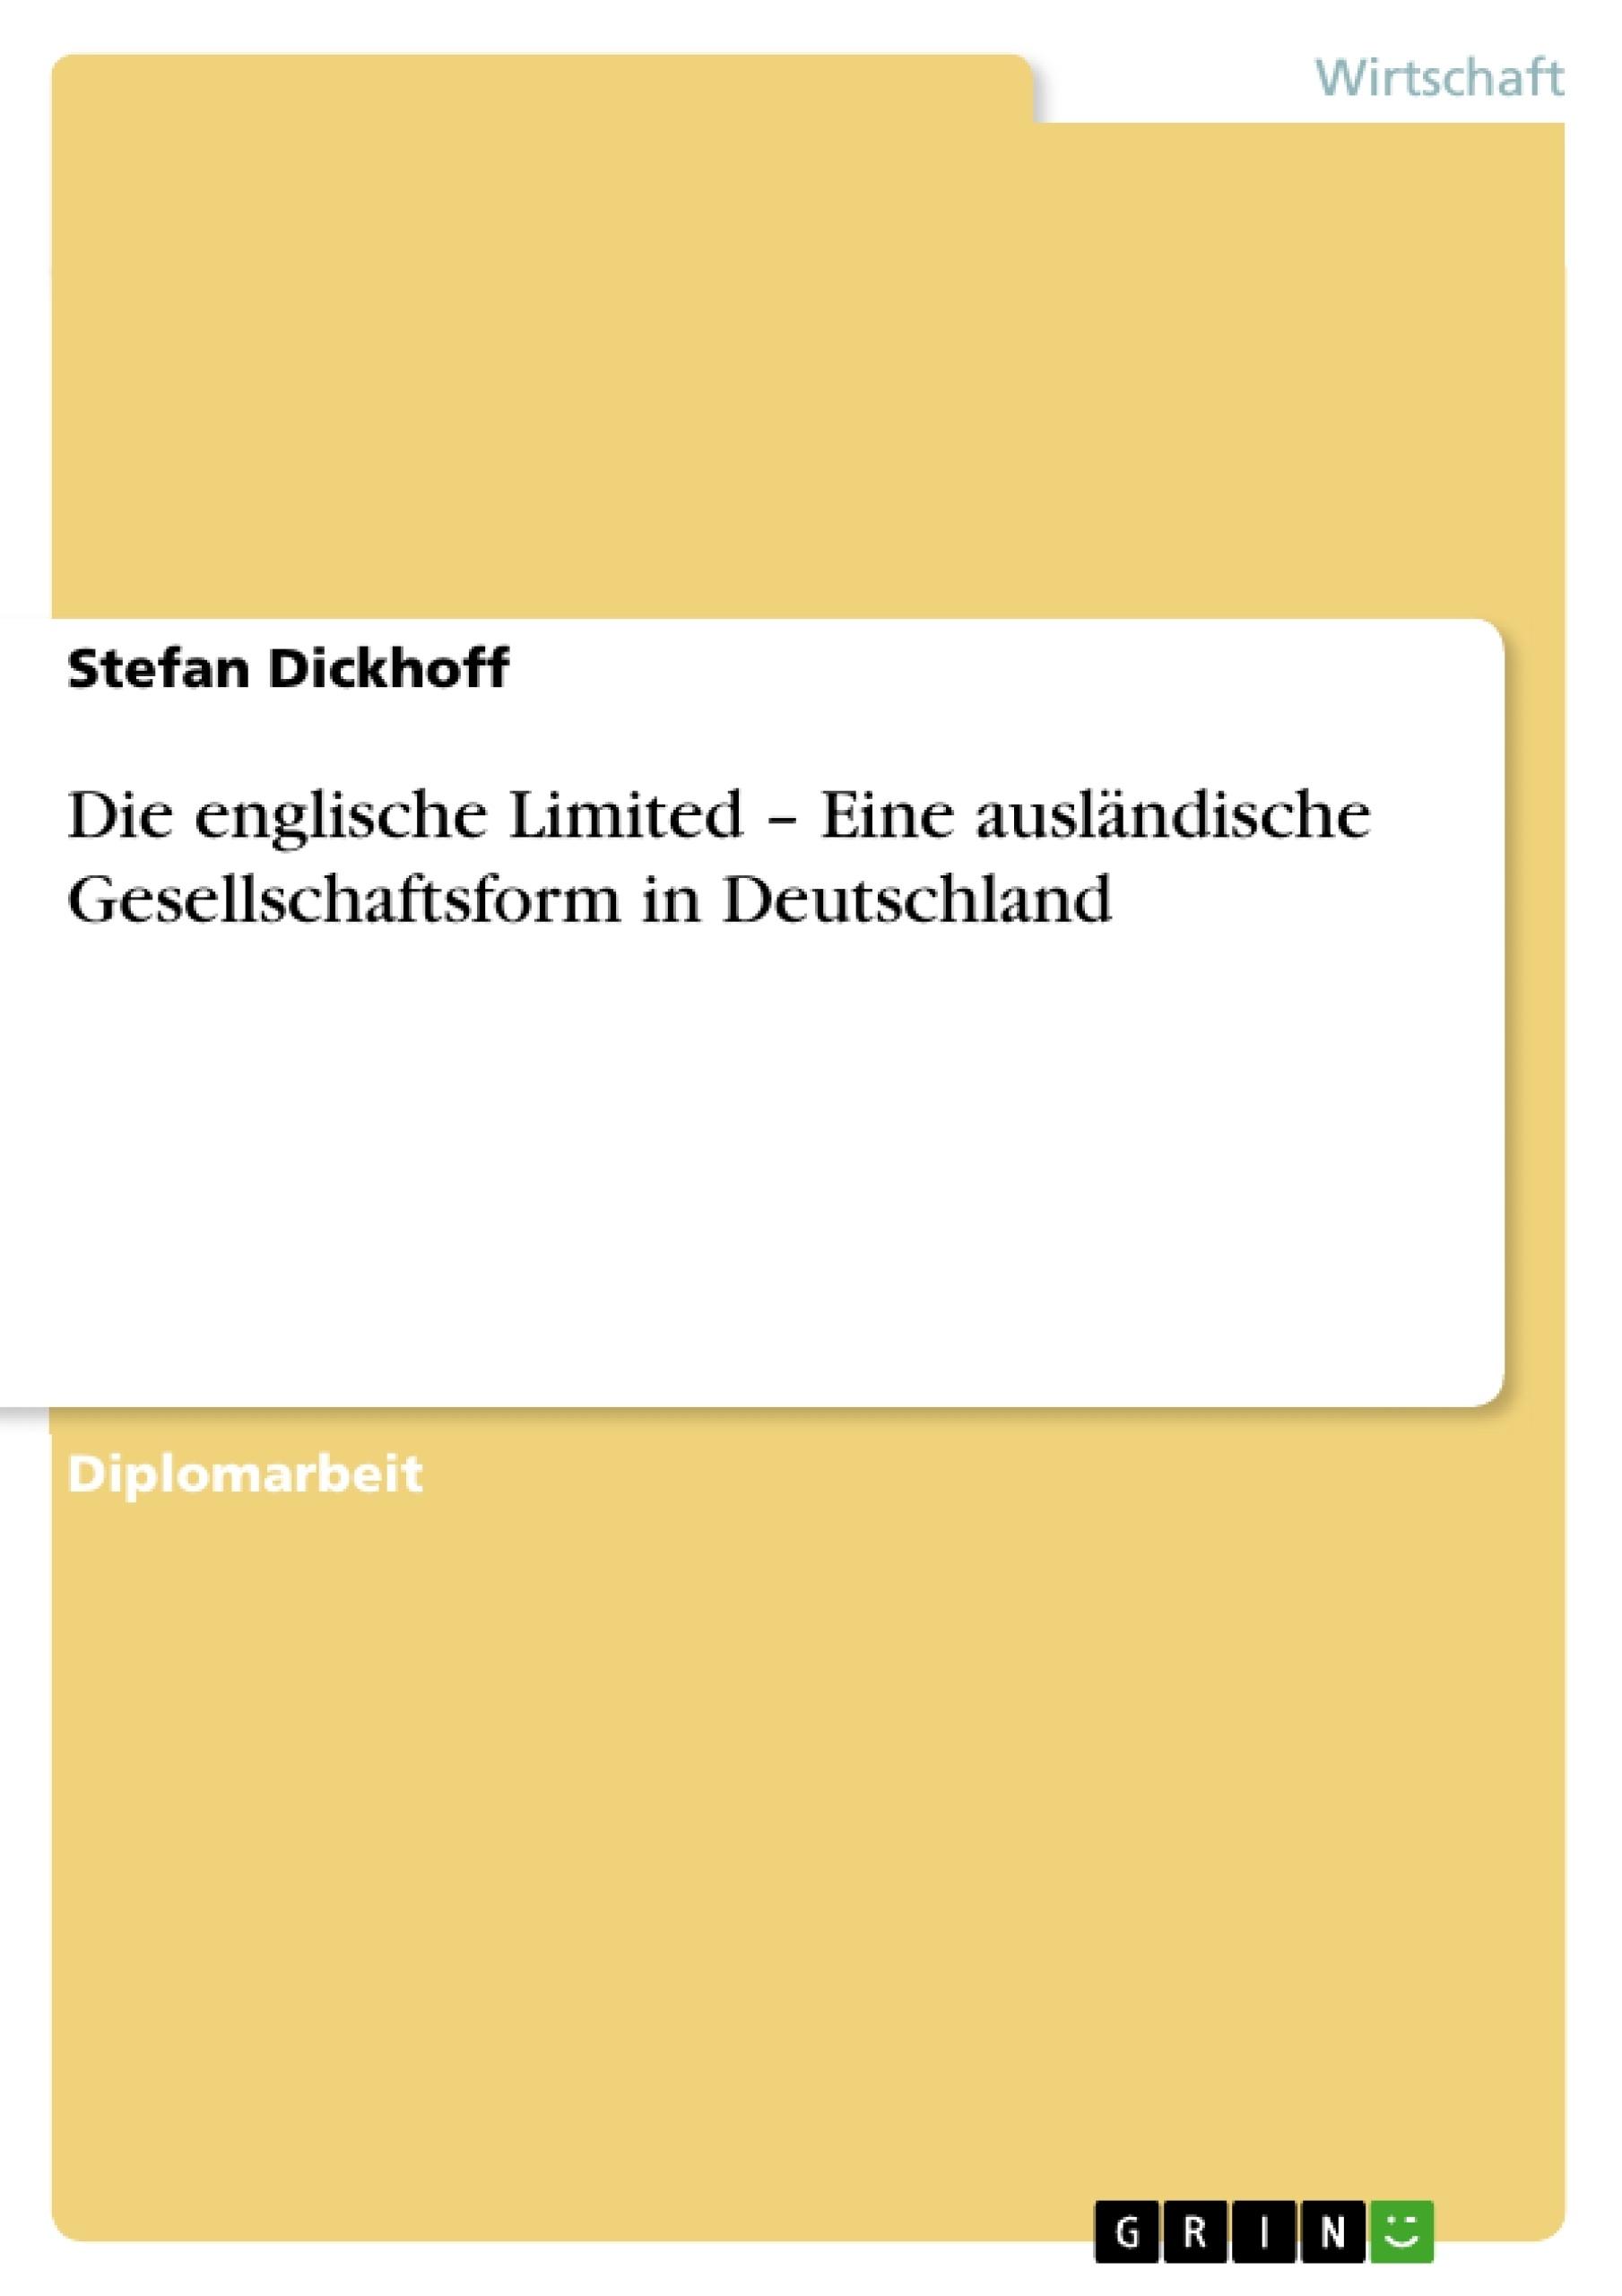 Titel: Die englische Limited – Eine ausländische Gesellschaftsform in Deutschland